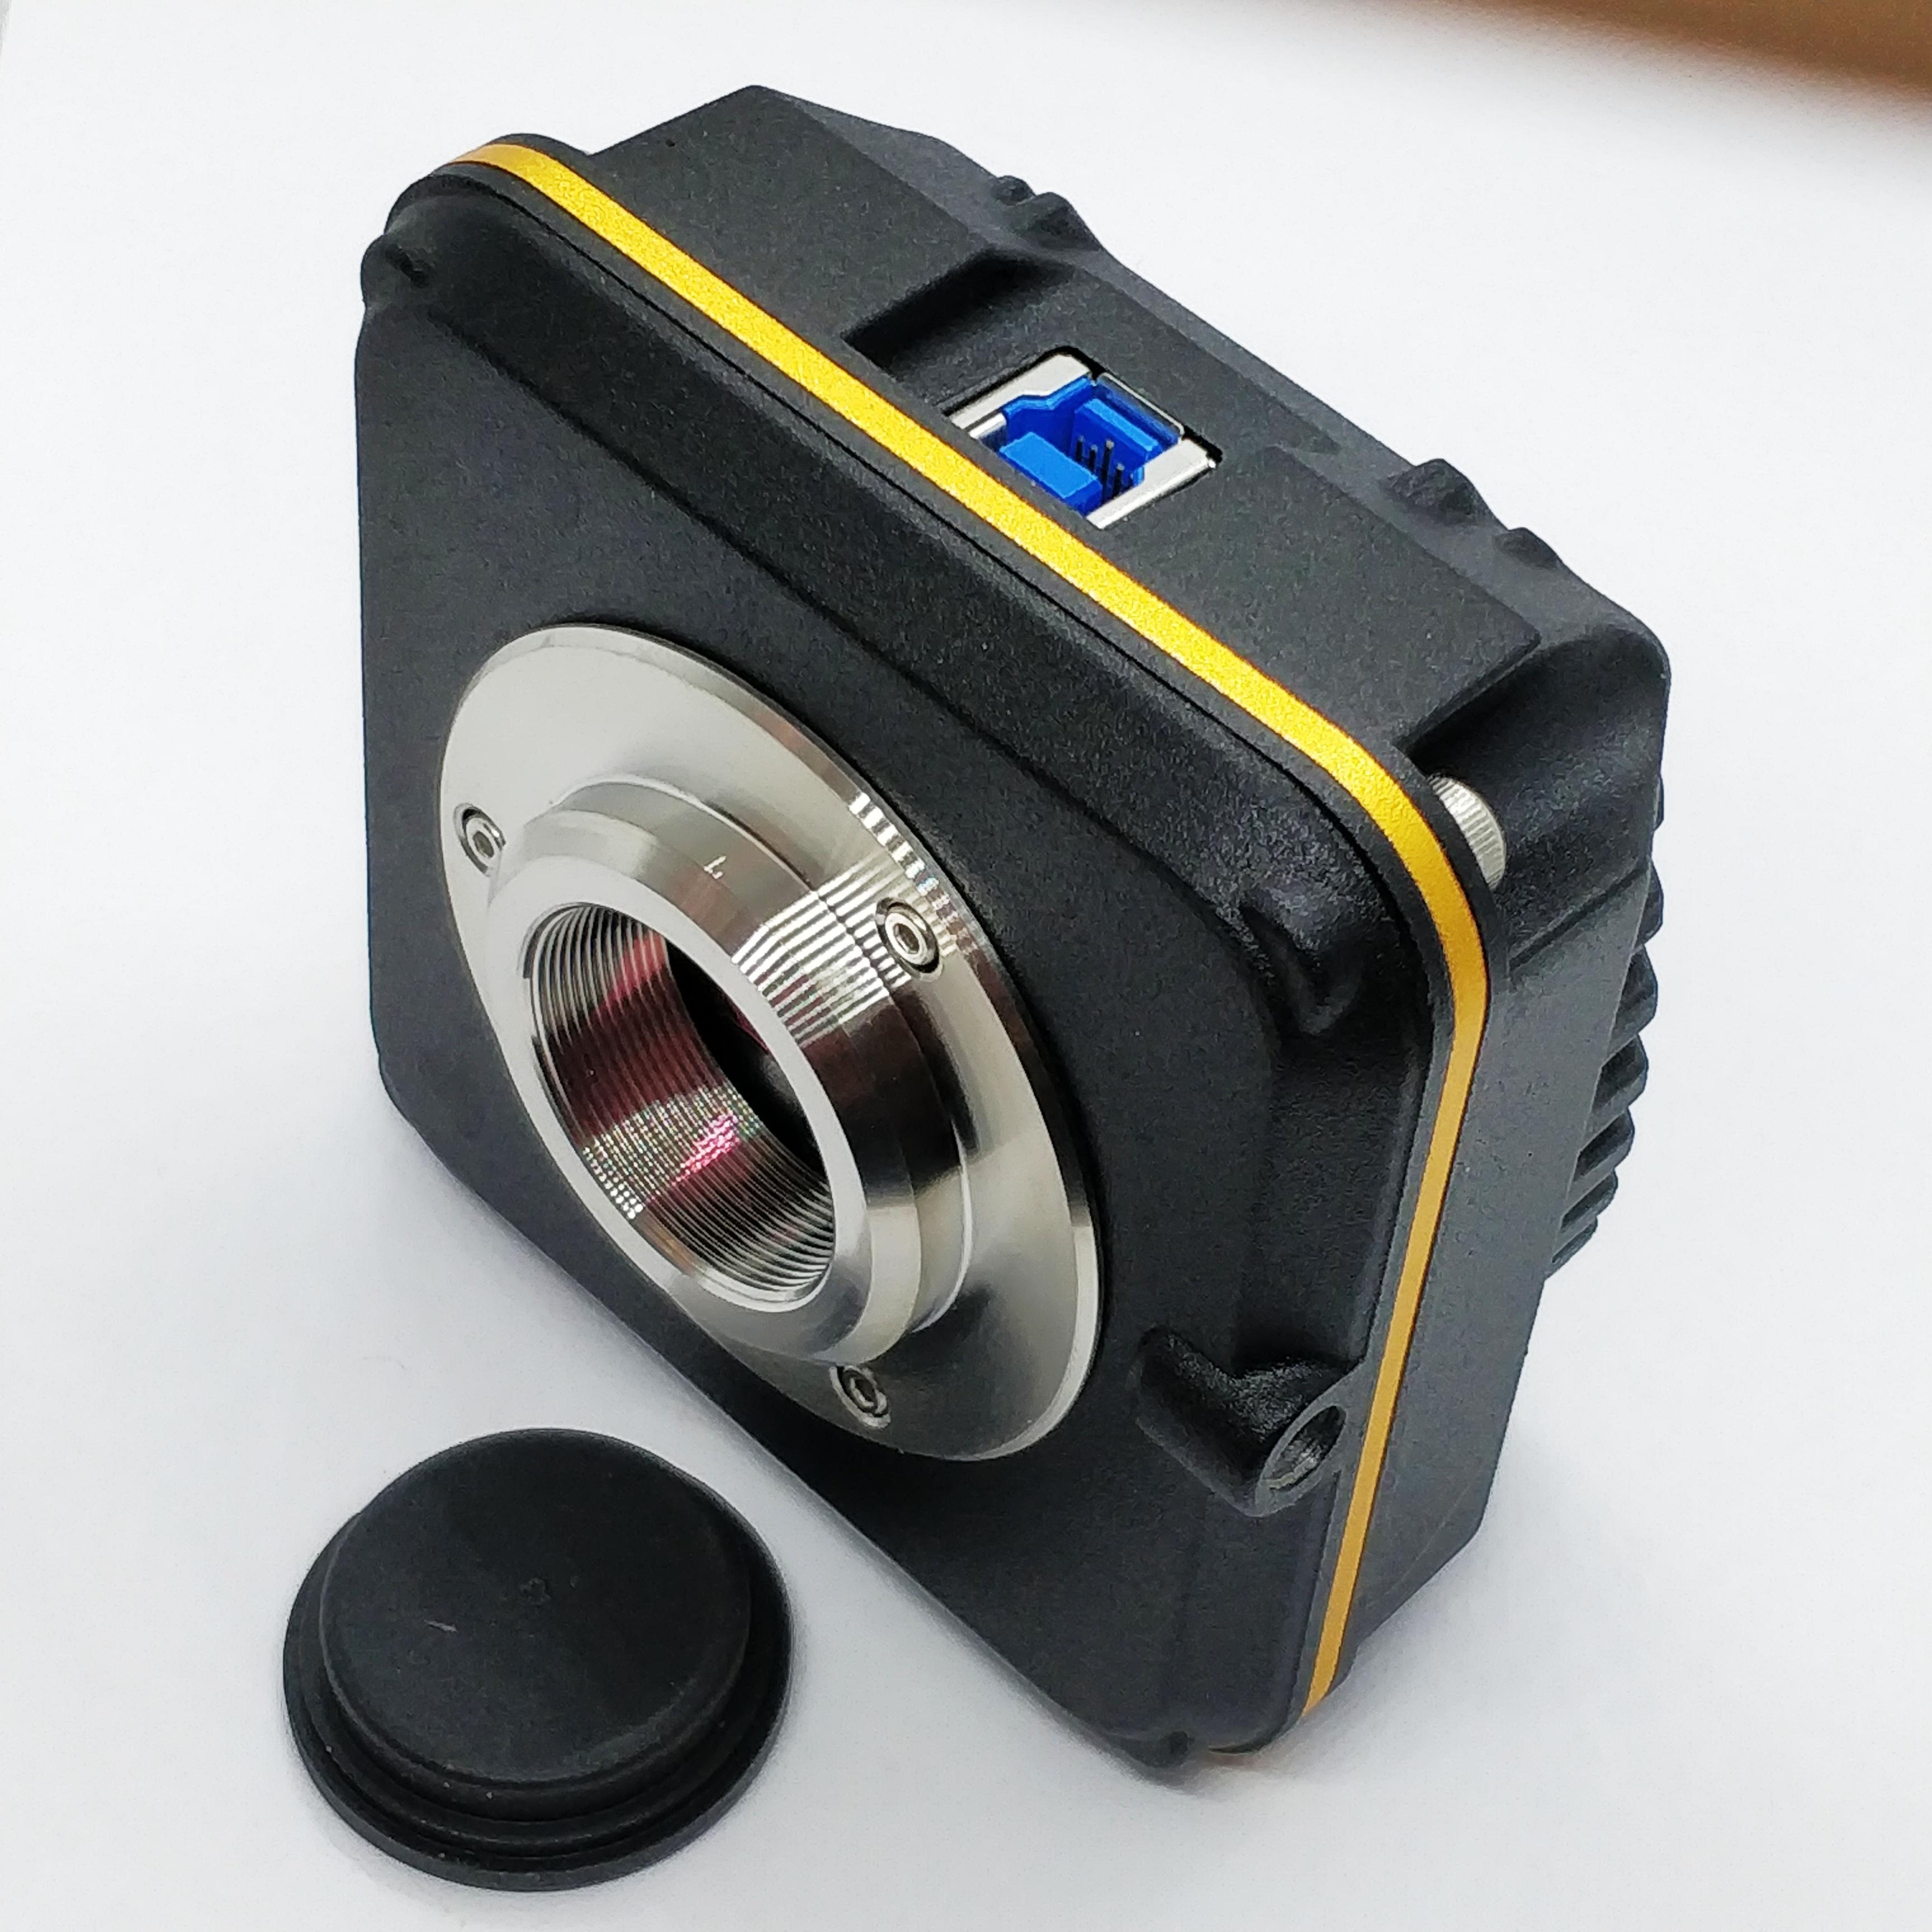 MicroqU3L-140